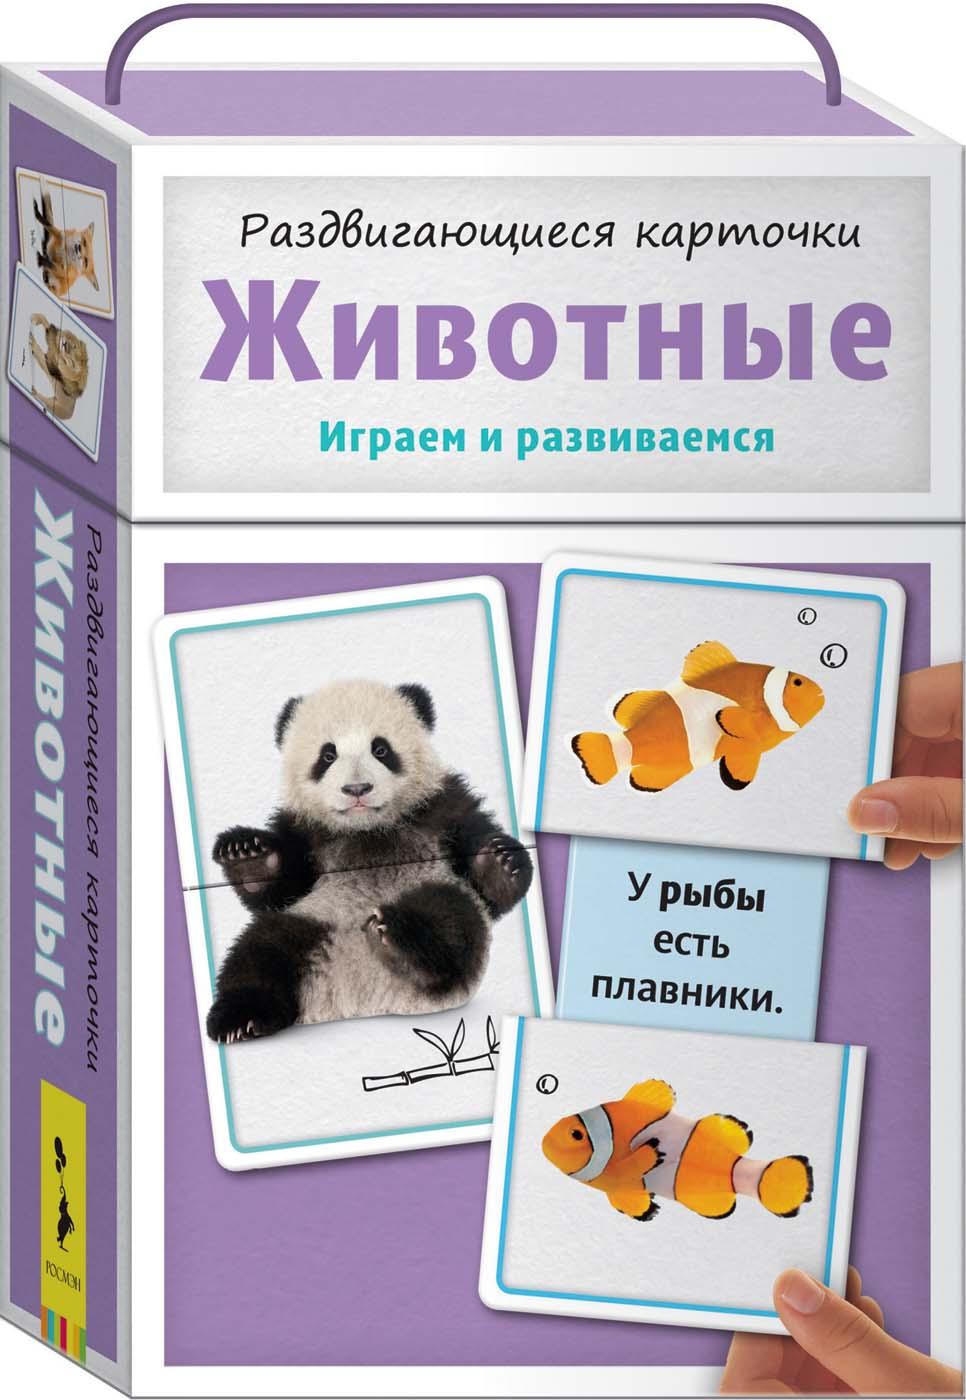 Раздвигающиеся карточки - ЖивотныеРазвивающие пособия и умные карточки<br>Раздвигающиеся карточки - Животные<br>